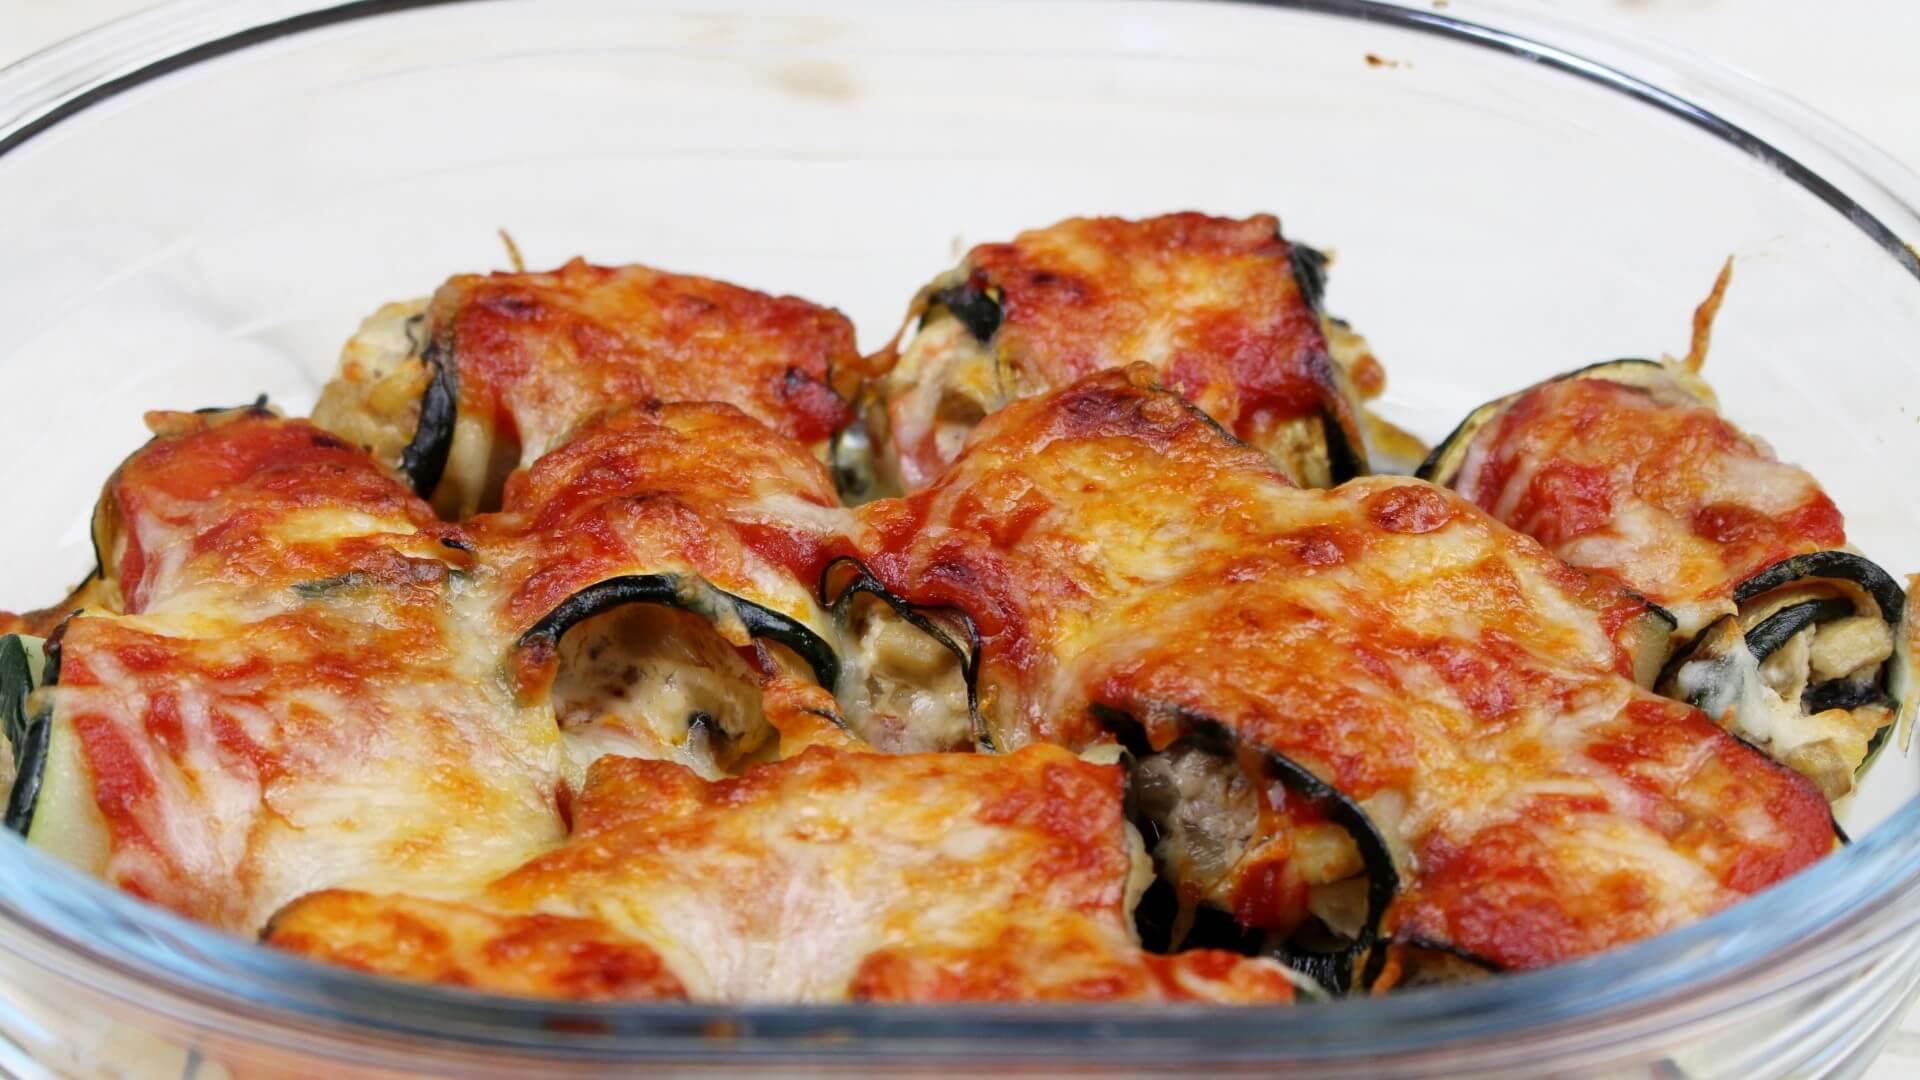 Canelones de calabacín rellenos de queso de cabra, champiñones y tomate